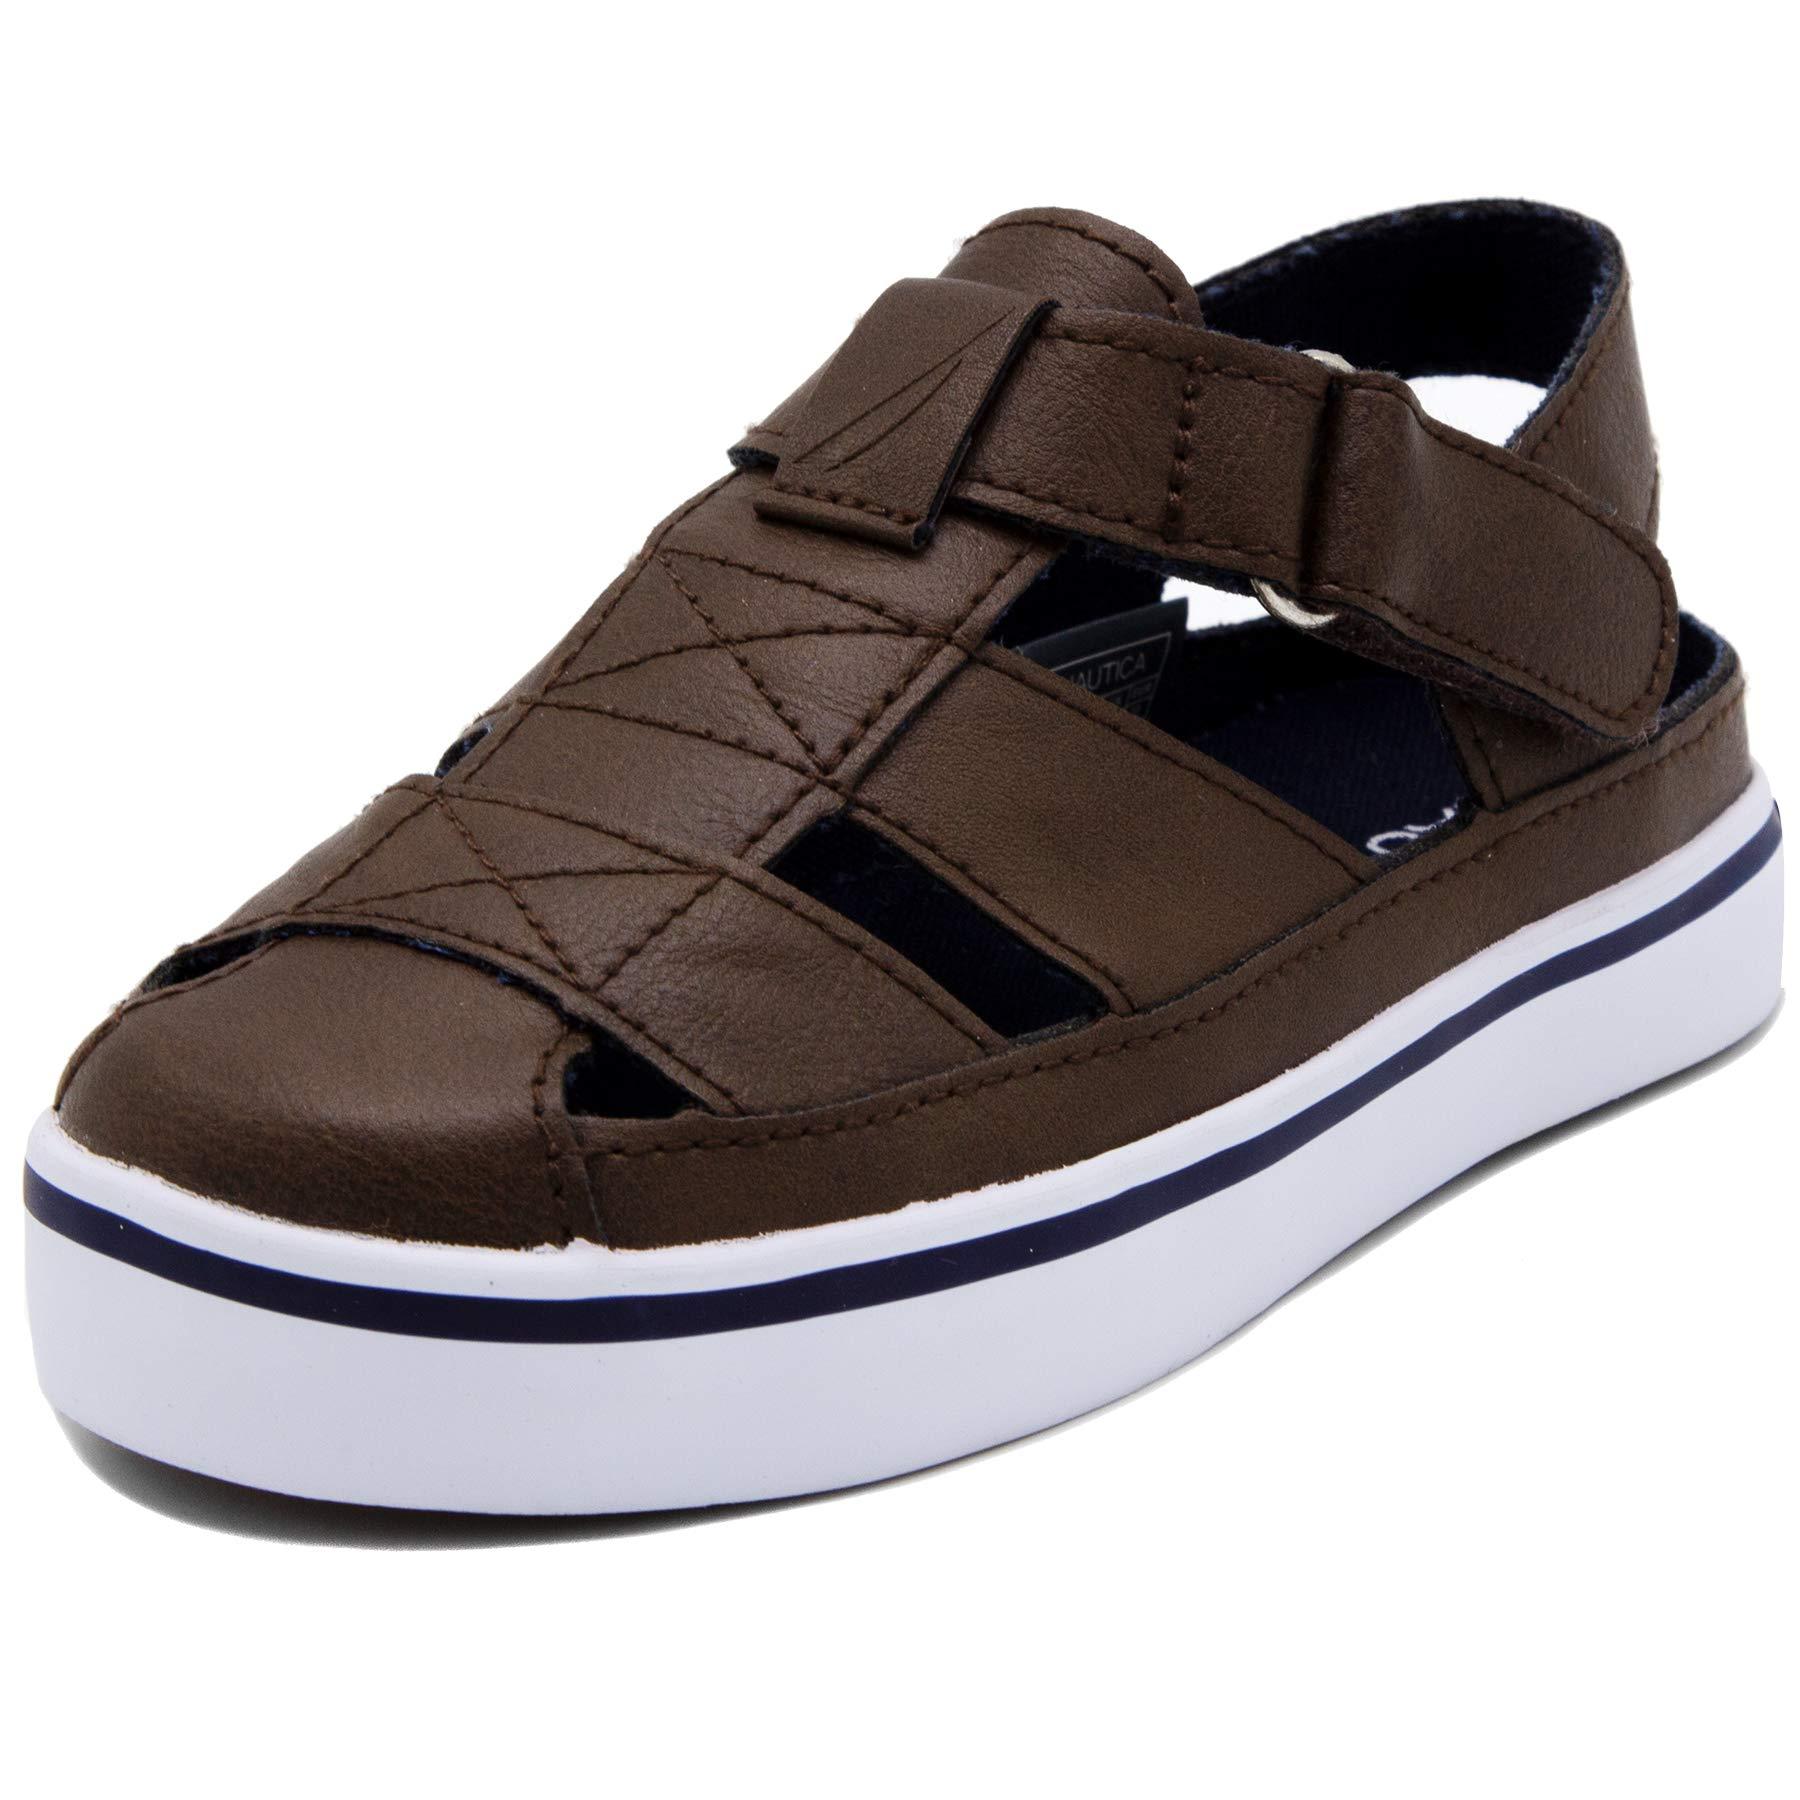 Nautica Boys' Mikkel Slip-On, Brown, 9 M US Toddler